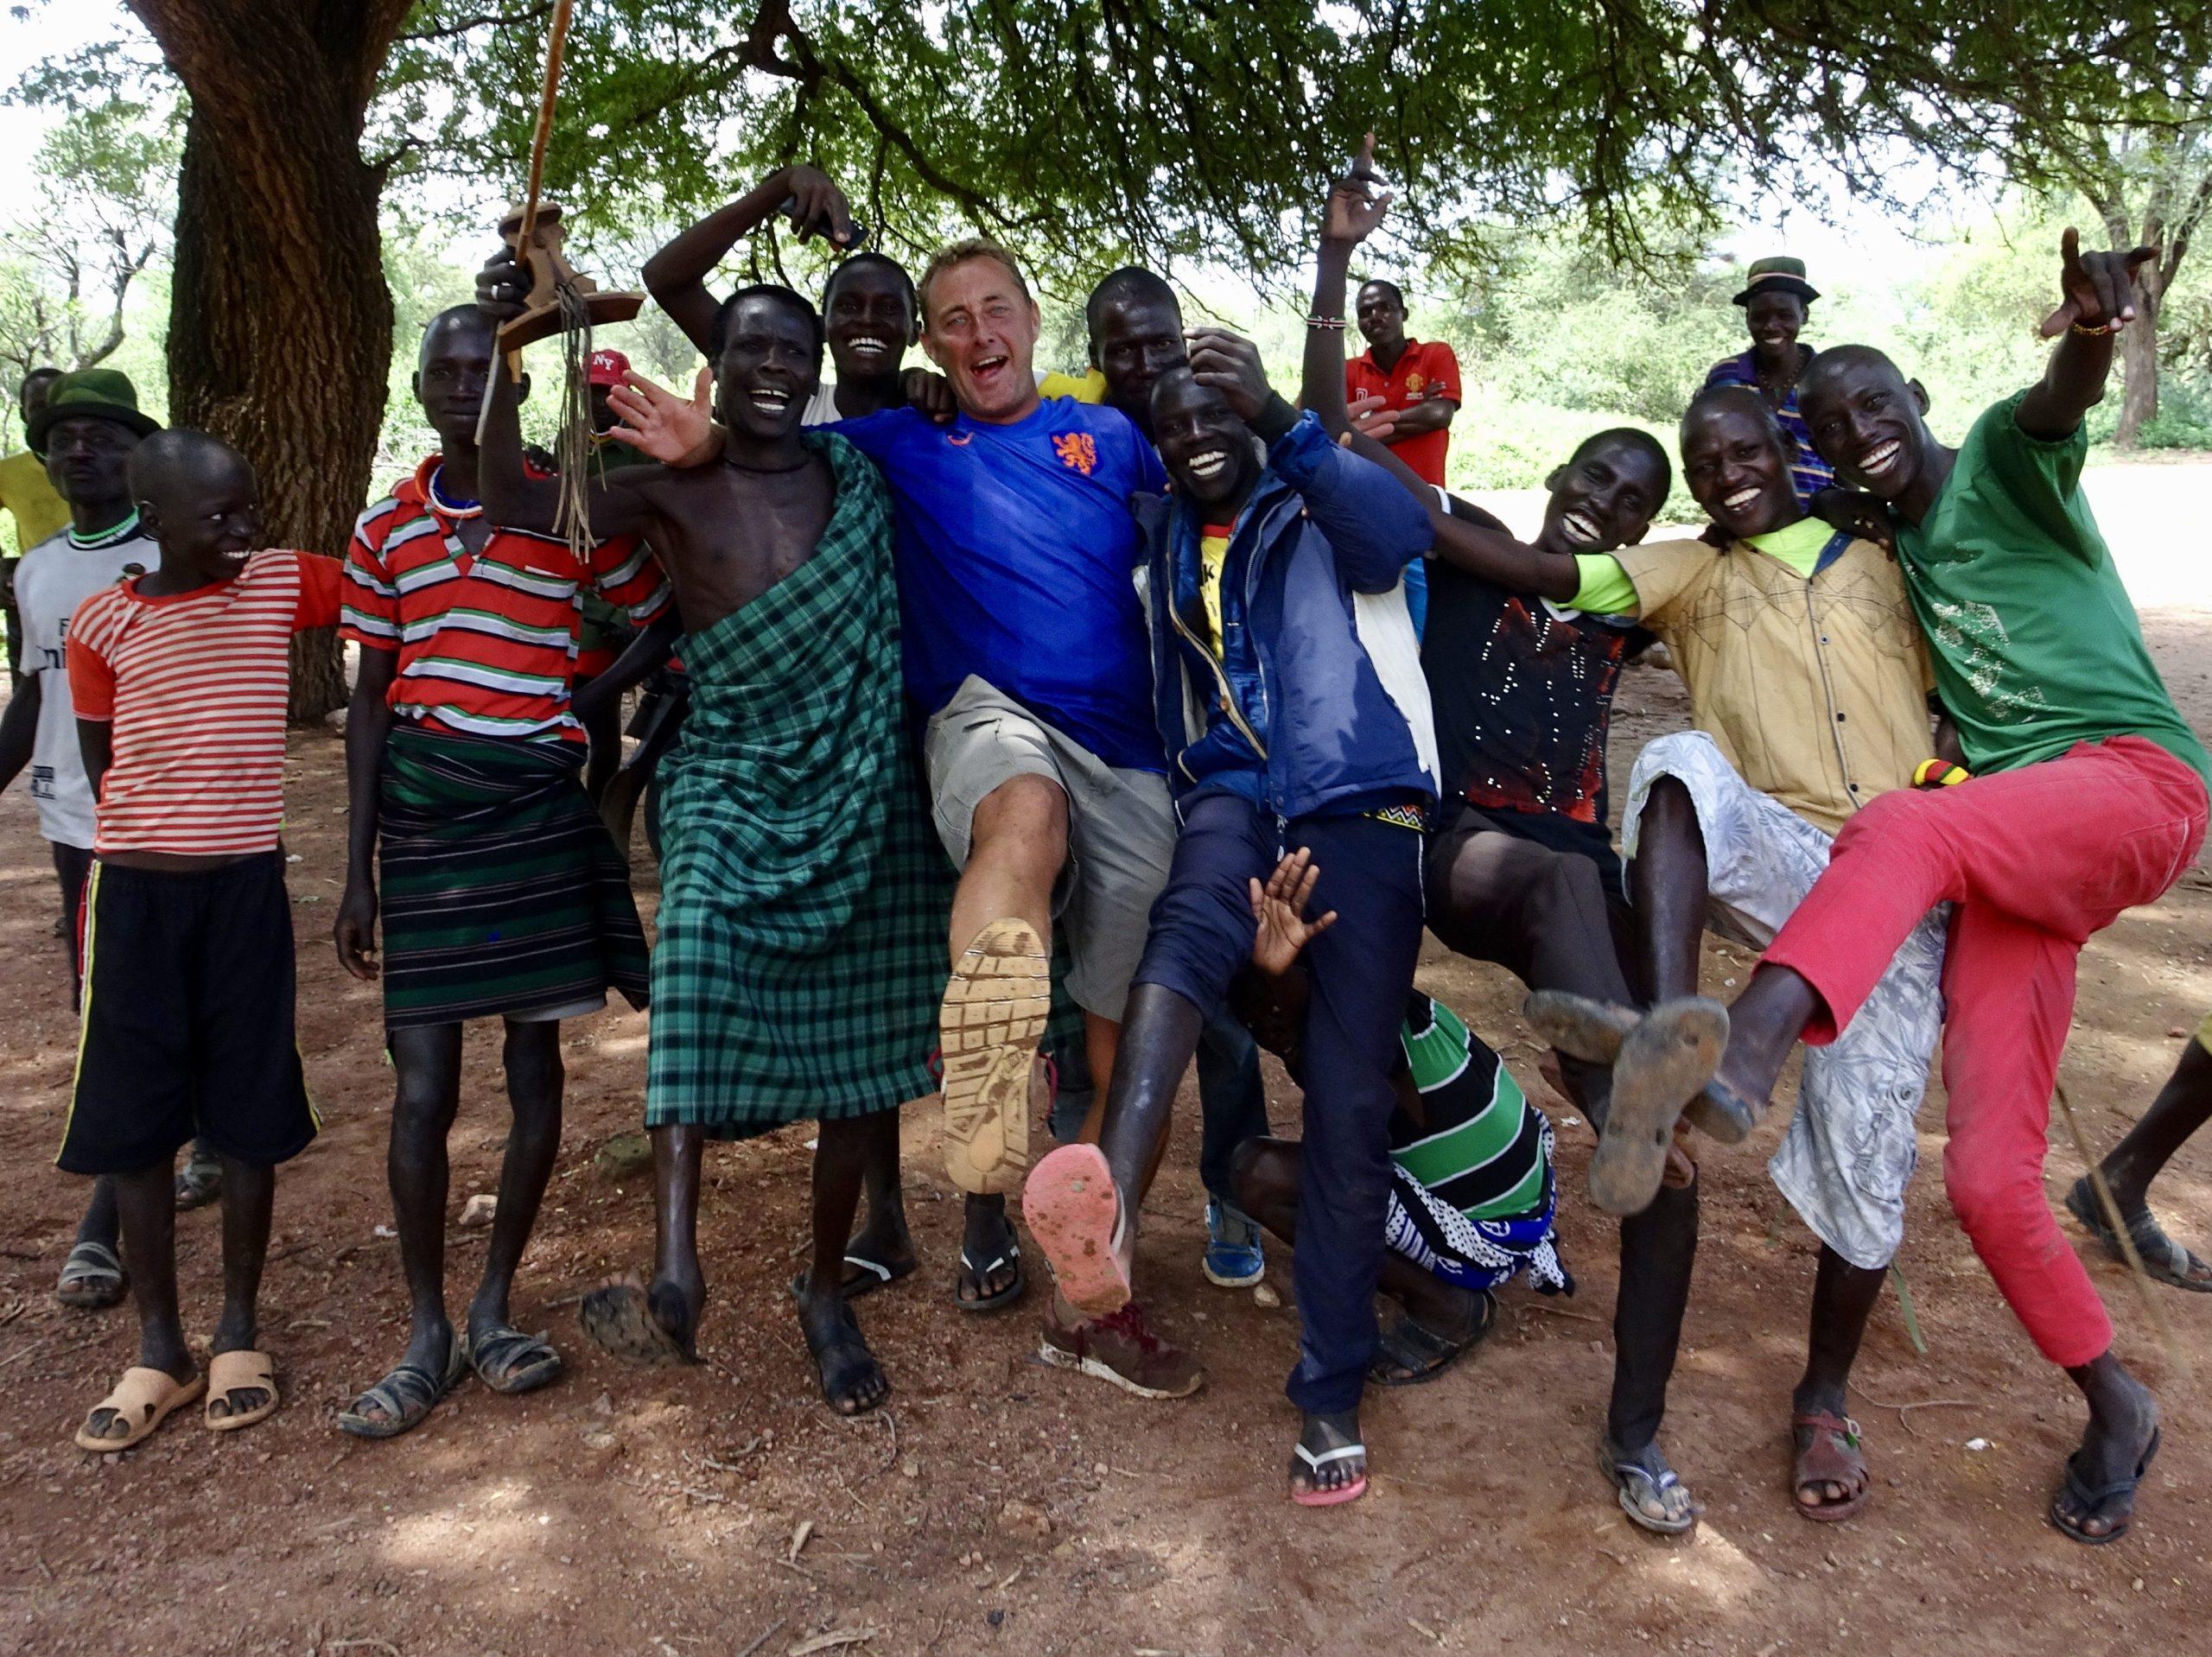 Op bezoek bij de Pokot in Kenia: 'Die Karamajong' uit Oeganda zijn bandieten